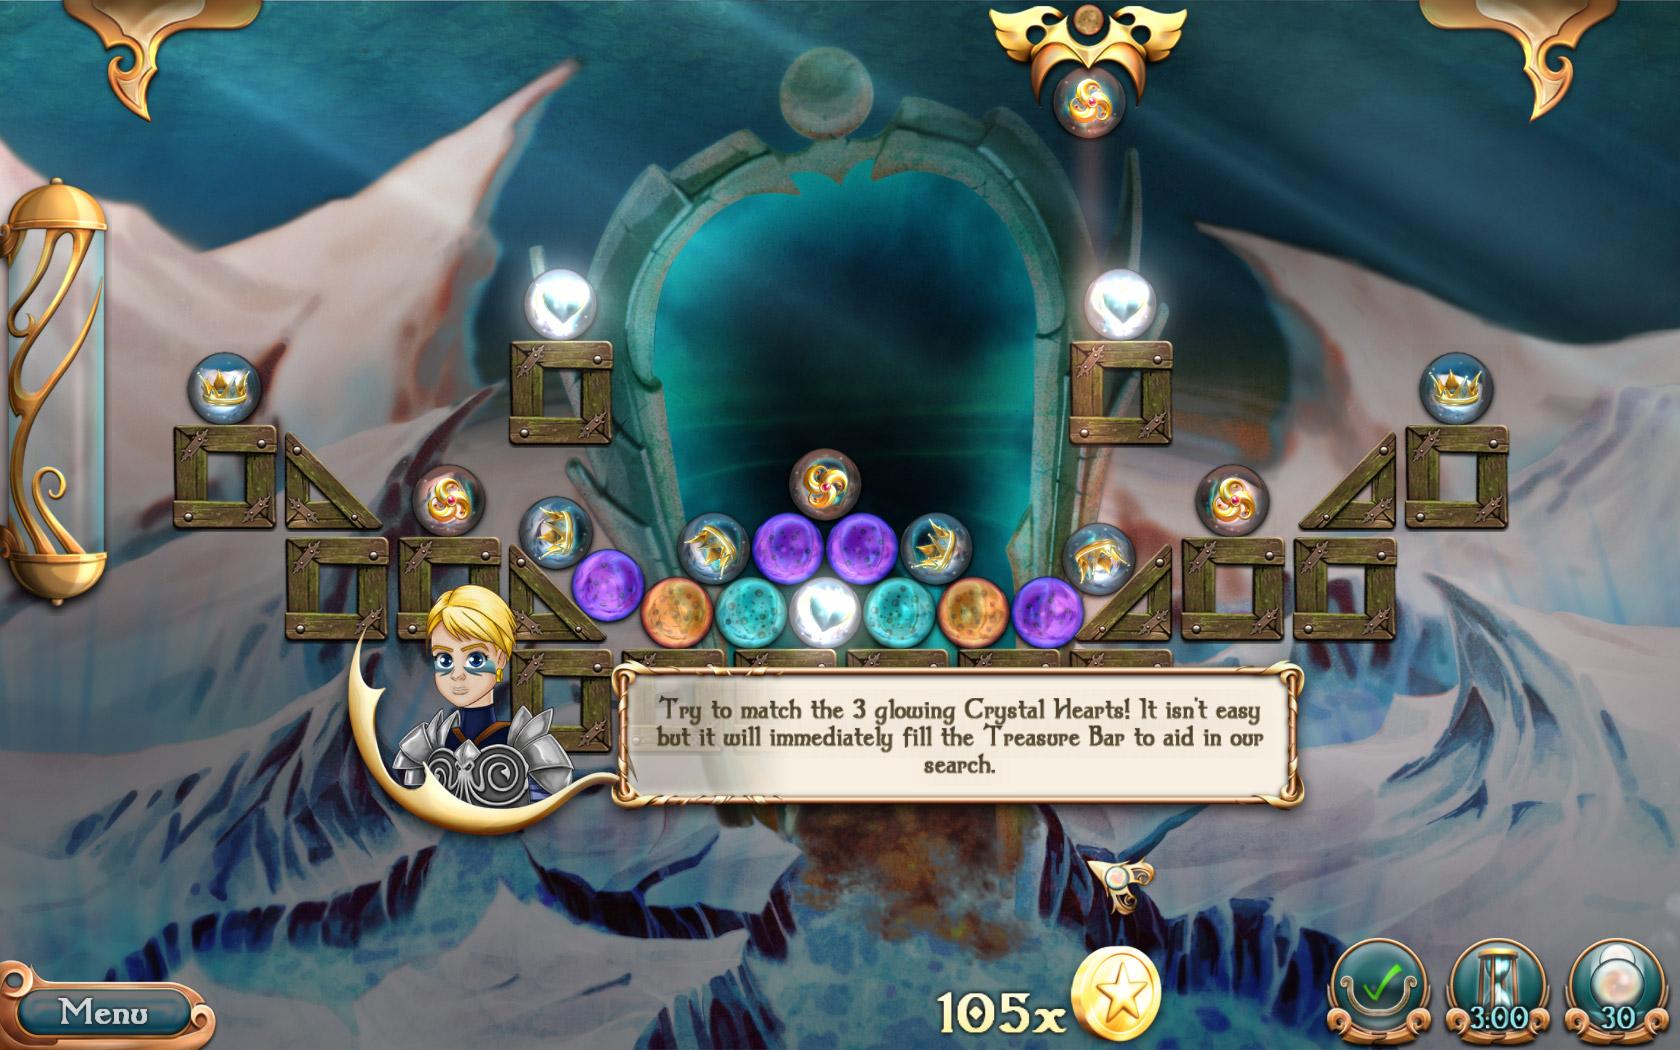 com.steam.383950-screenshot